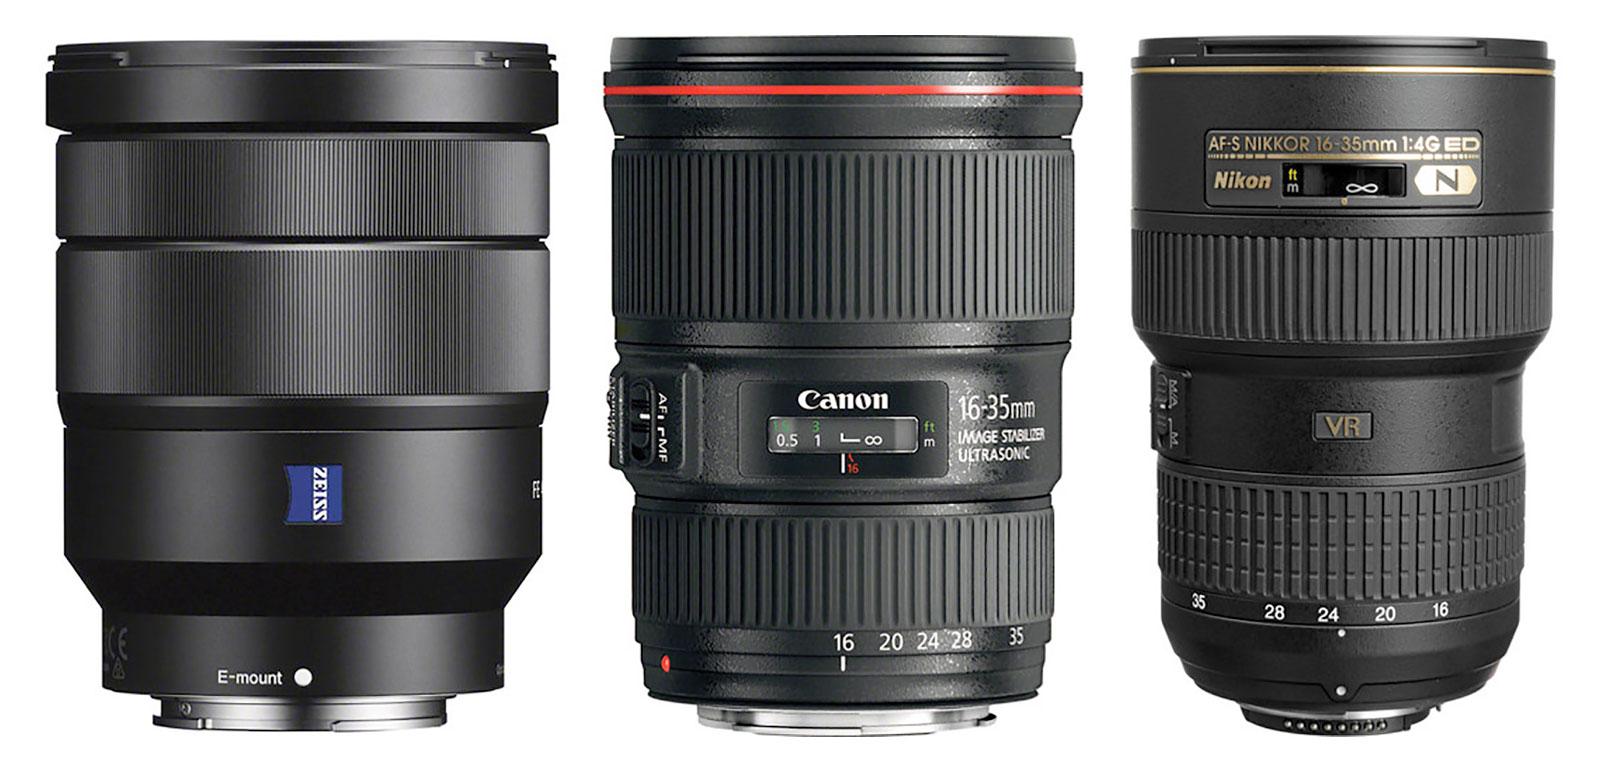 16-35mm F4 Zoom lenses